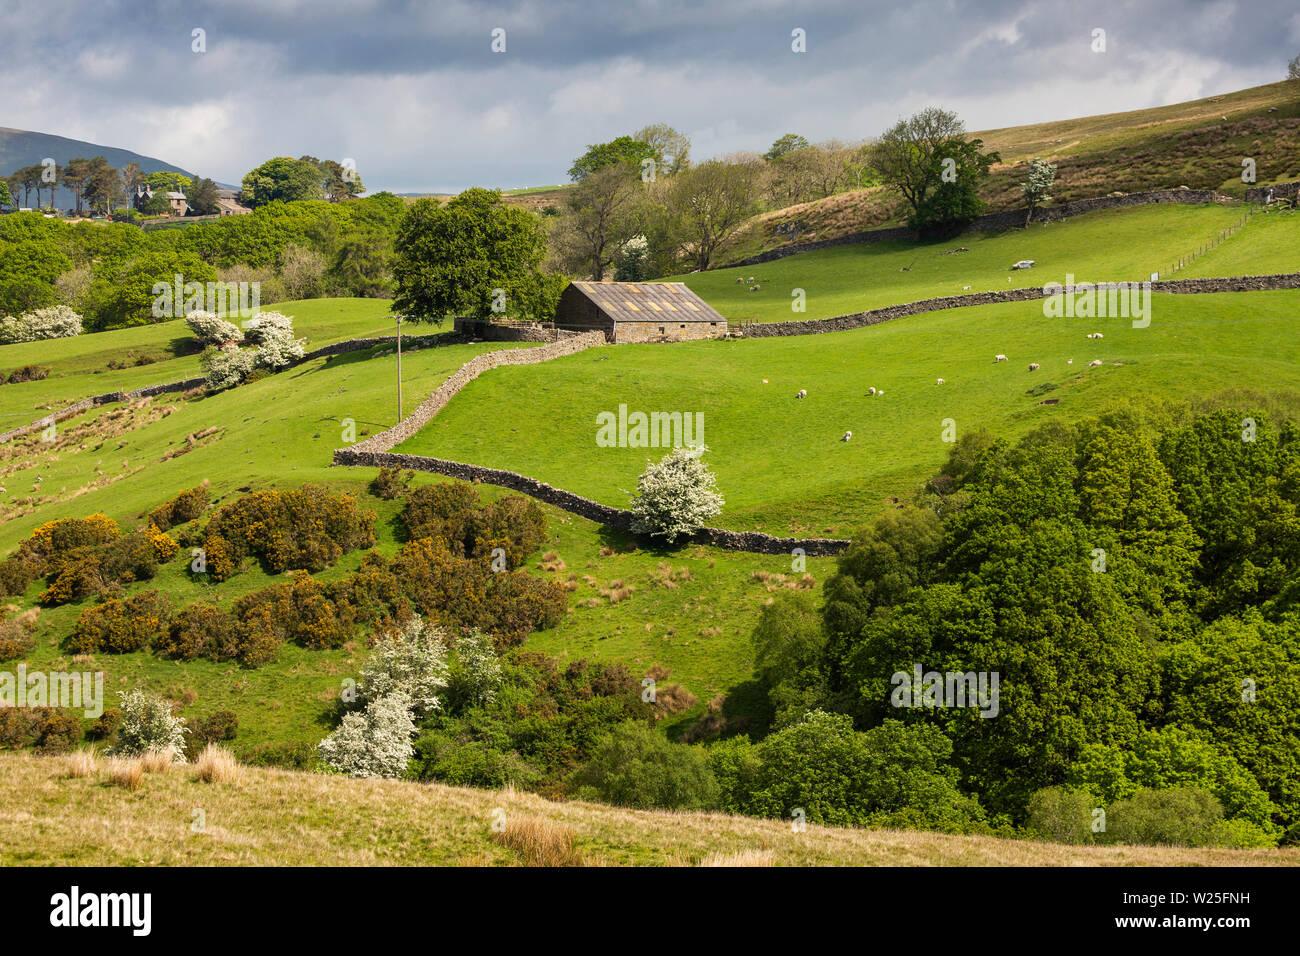 UK, Cumbria, Frostrow Soolbank Sedbergh, et, à faible champ Fawes grange en terres agricoles de plaine au pigeonnier Gill Banque D'Images